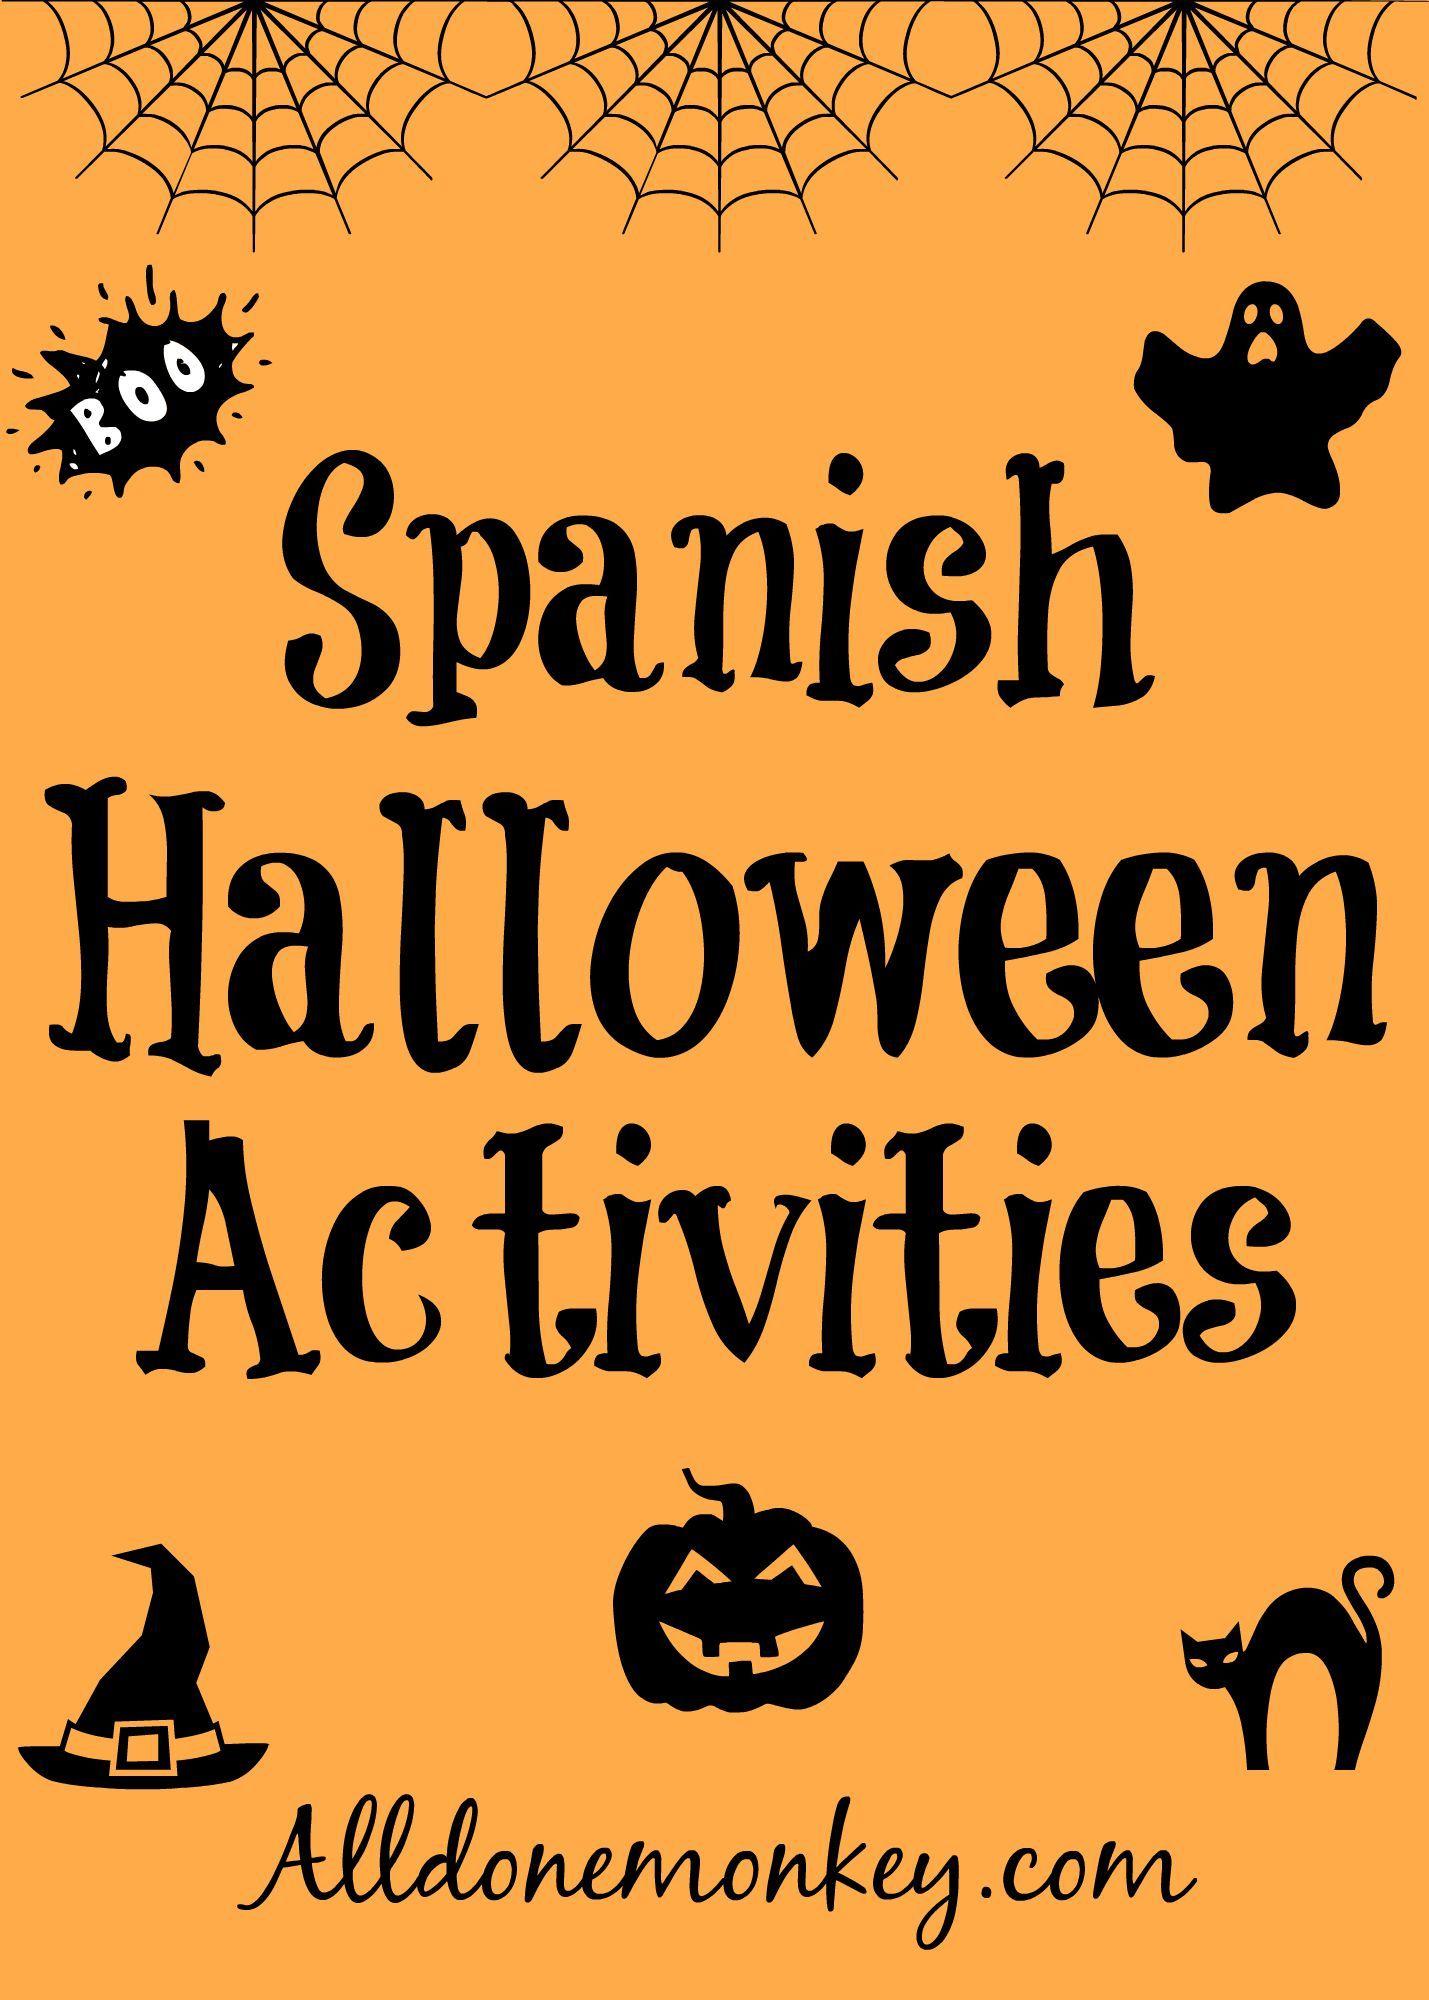 Spanish Halloween Activities #halloweenactivities